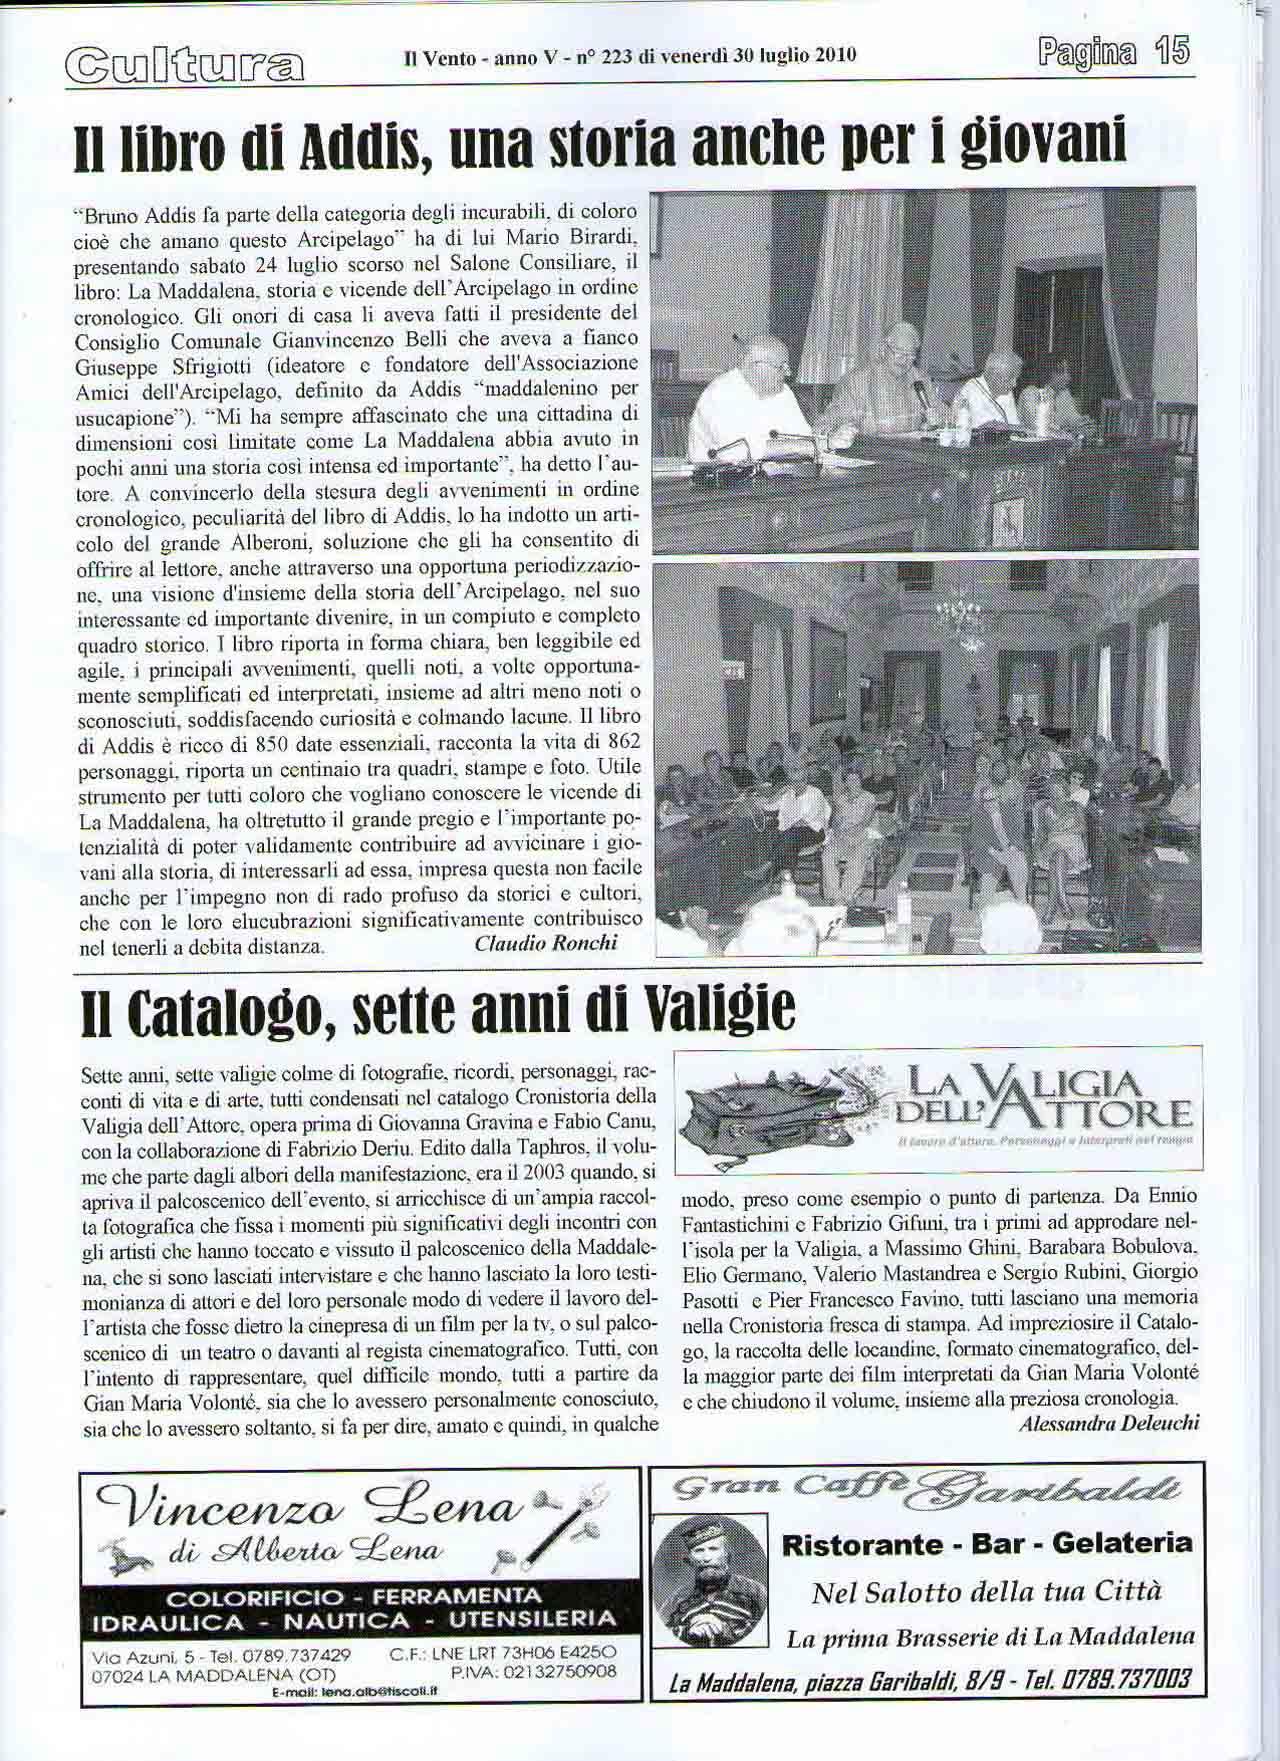 30-07-2010 Il Vento